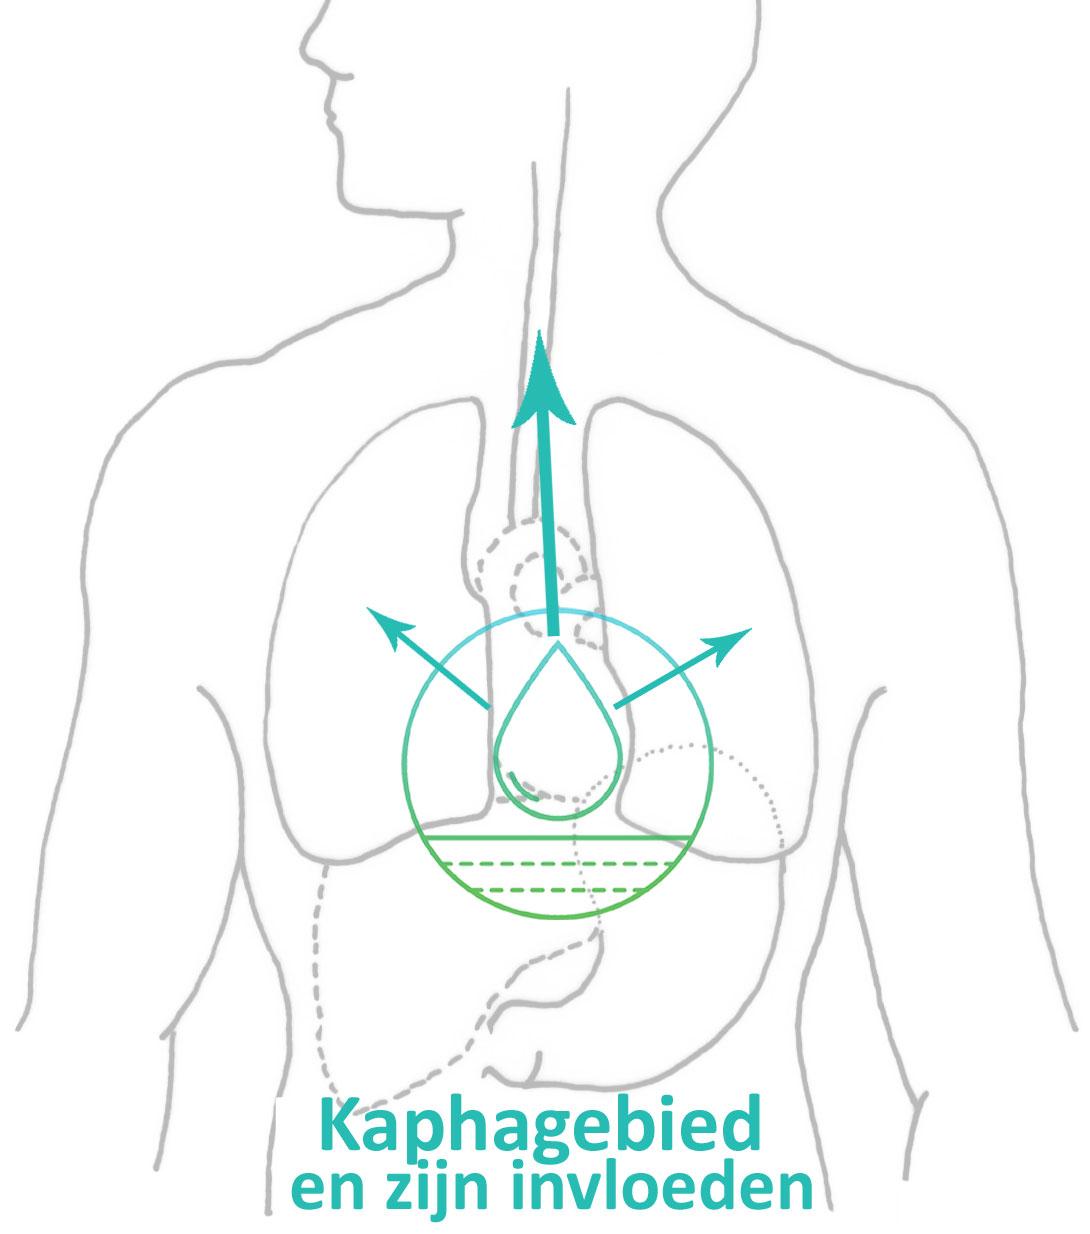 De invloed van kapha op longen en keelholte en neusholte